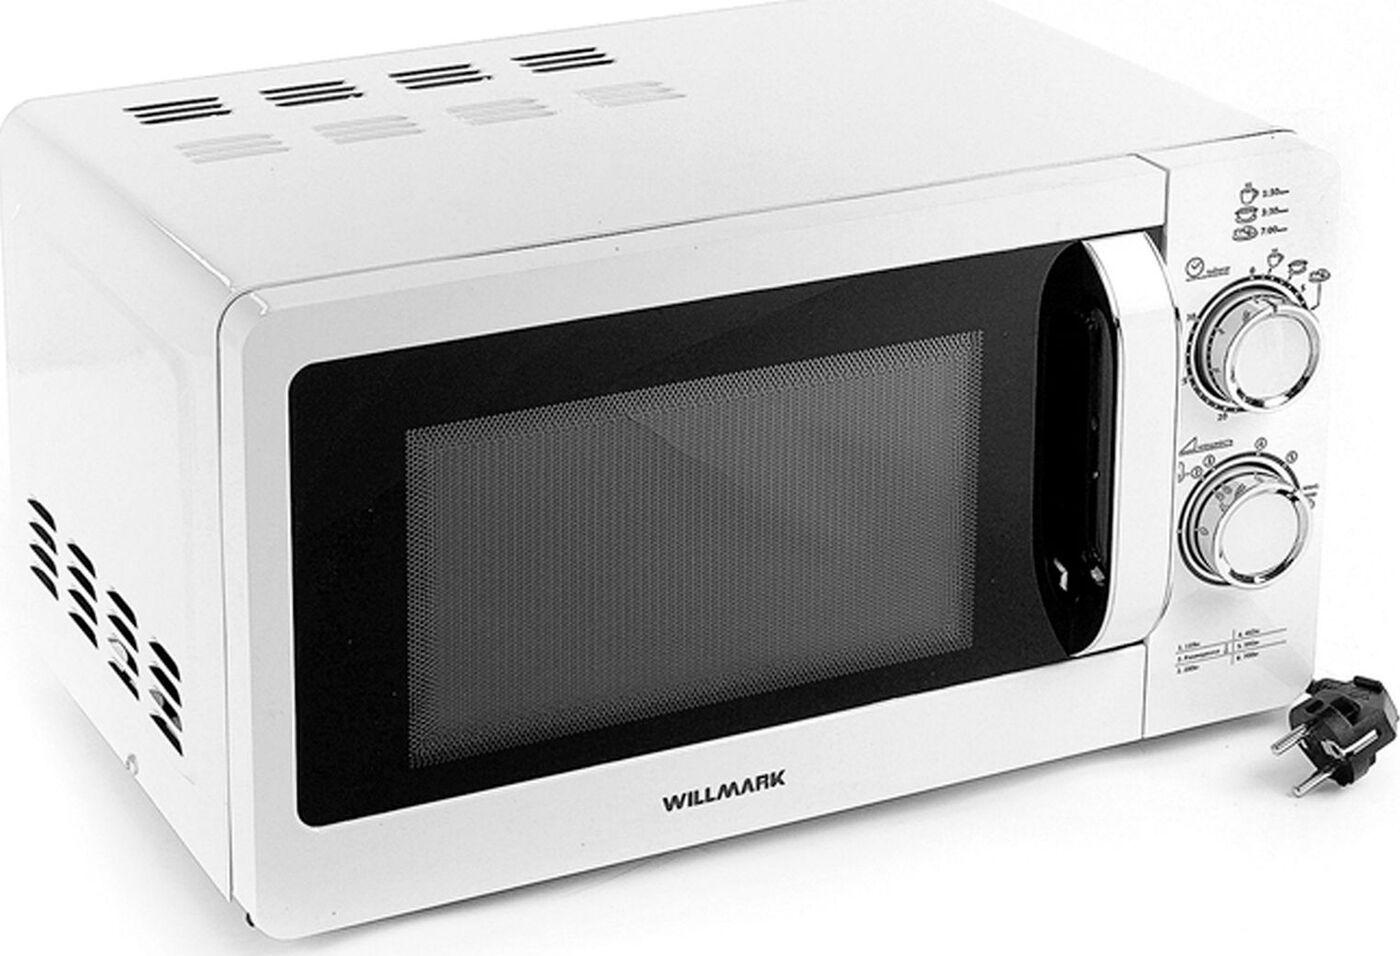 Микроволновая печь Willmark WMO-231MH, белый